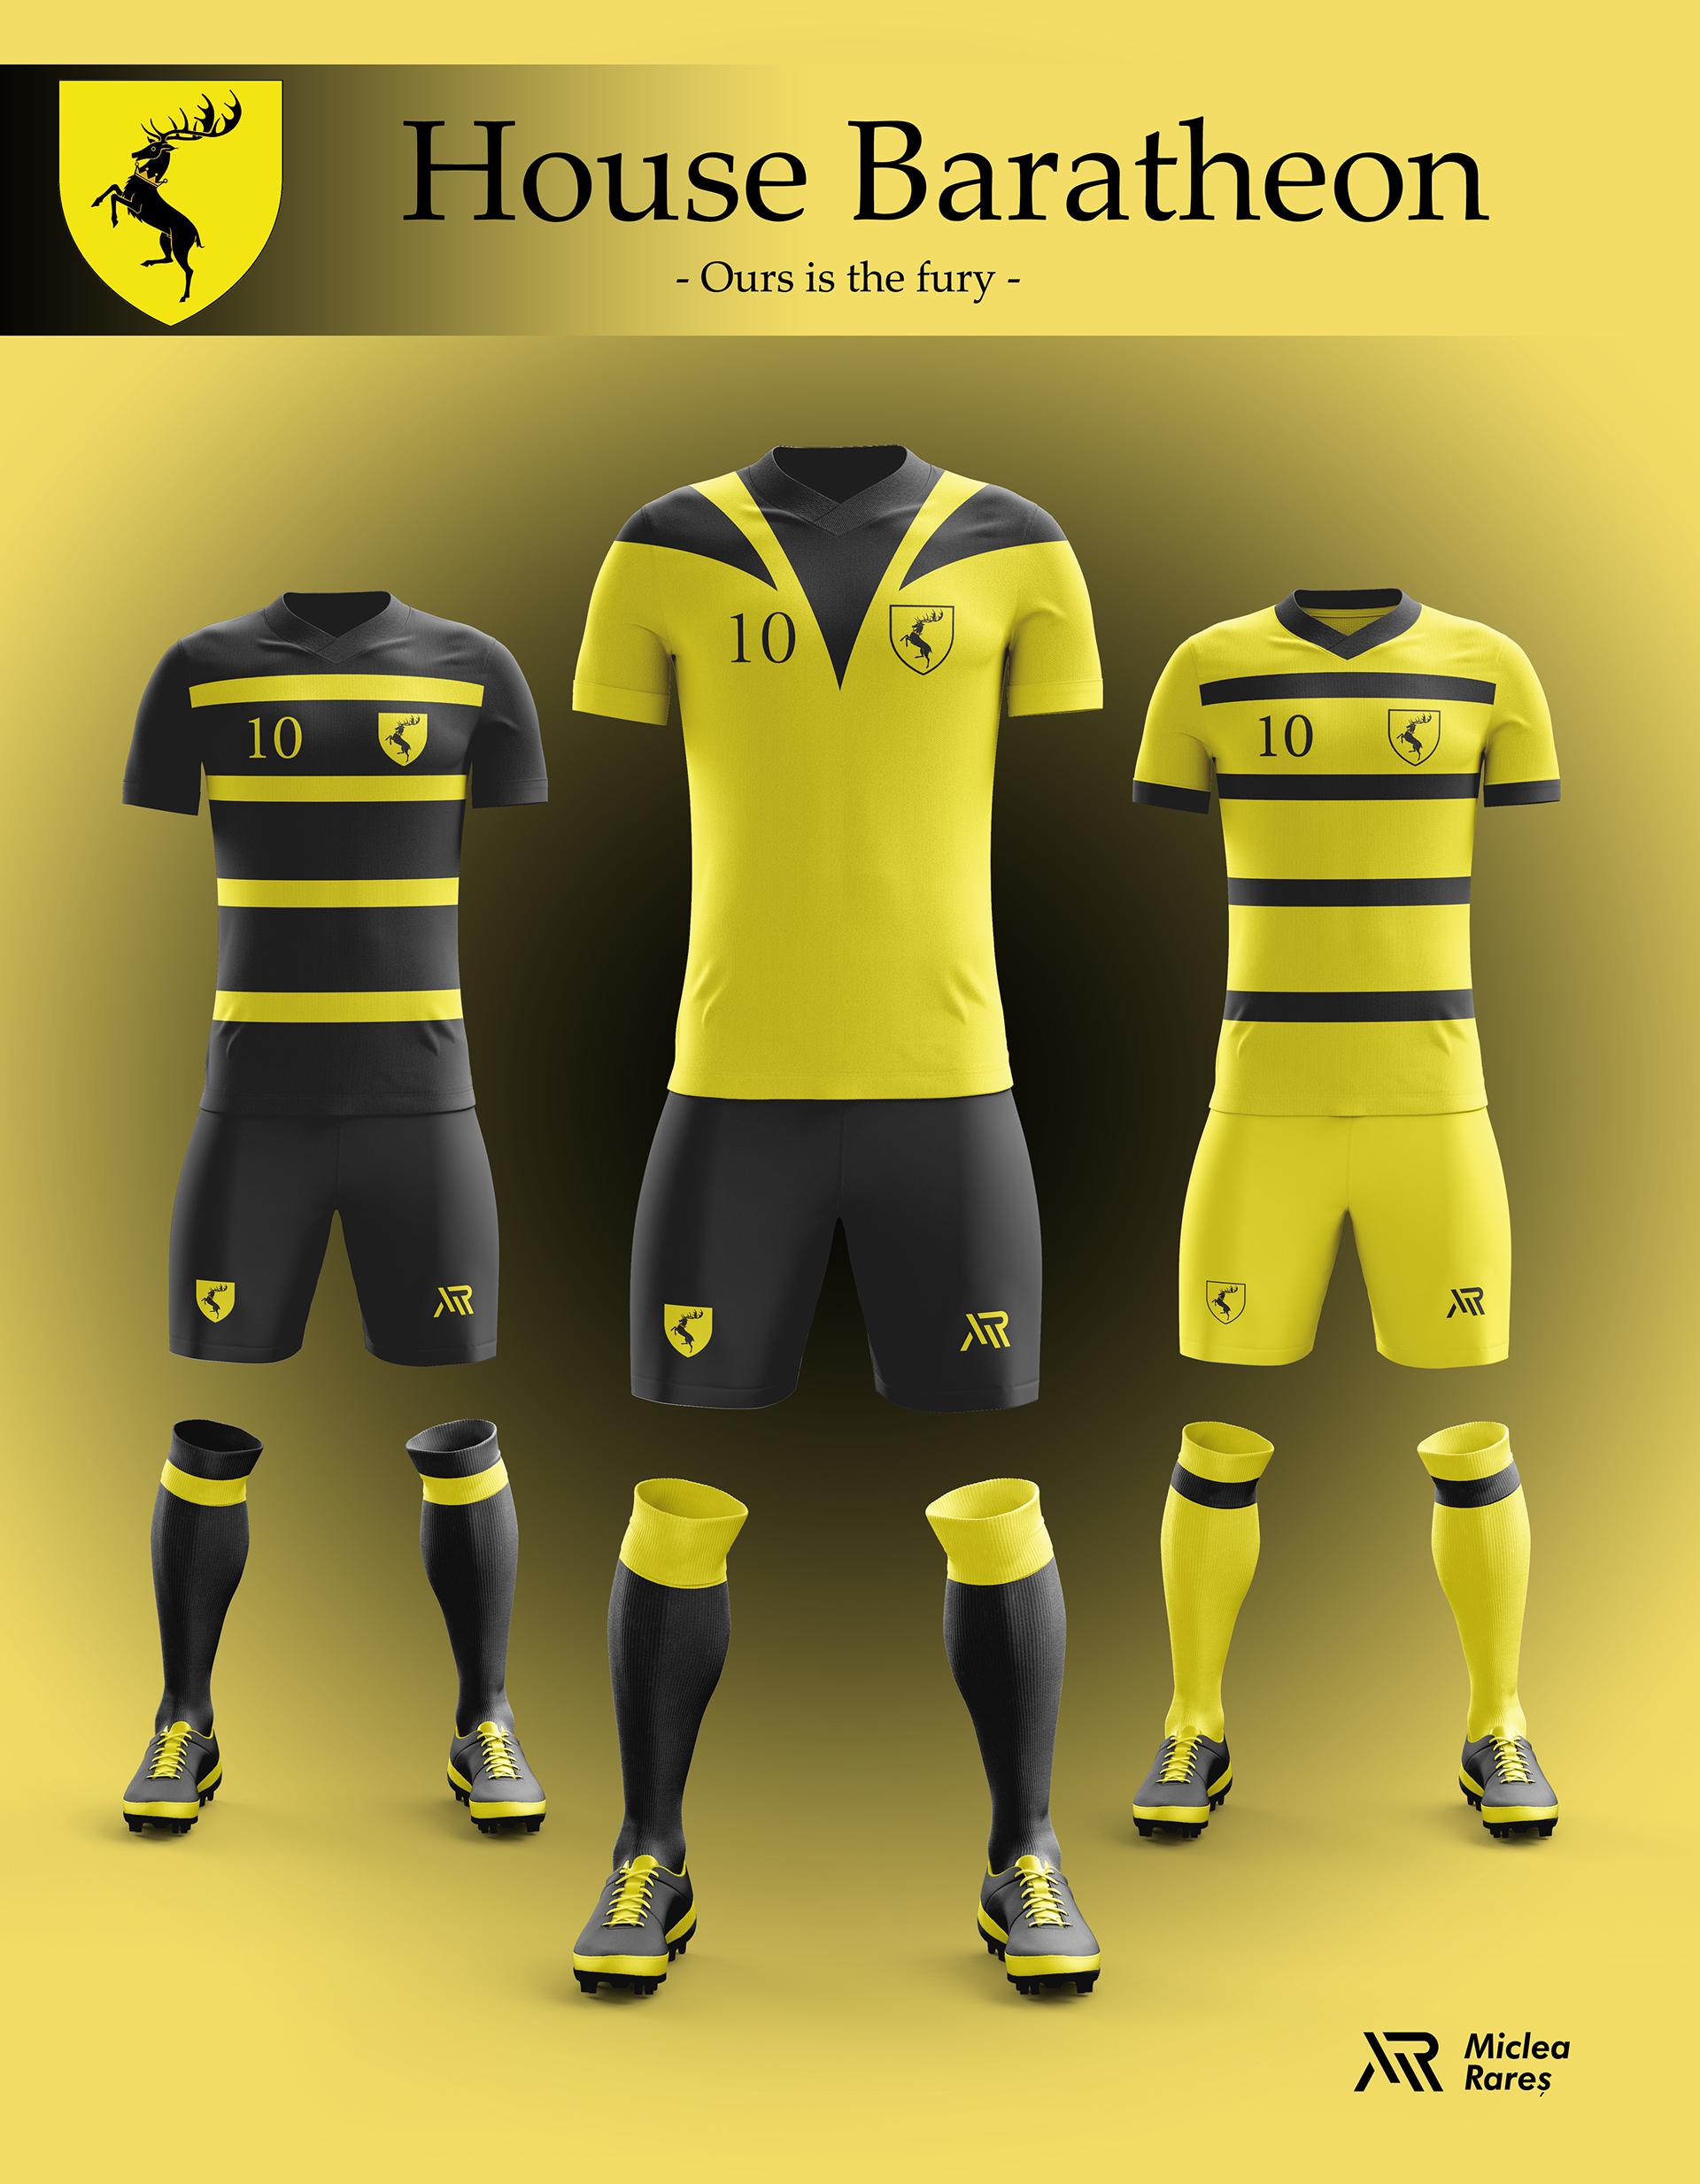 House Baratheon Football Kit